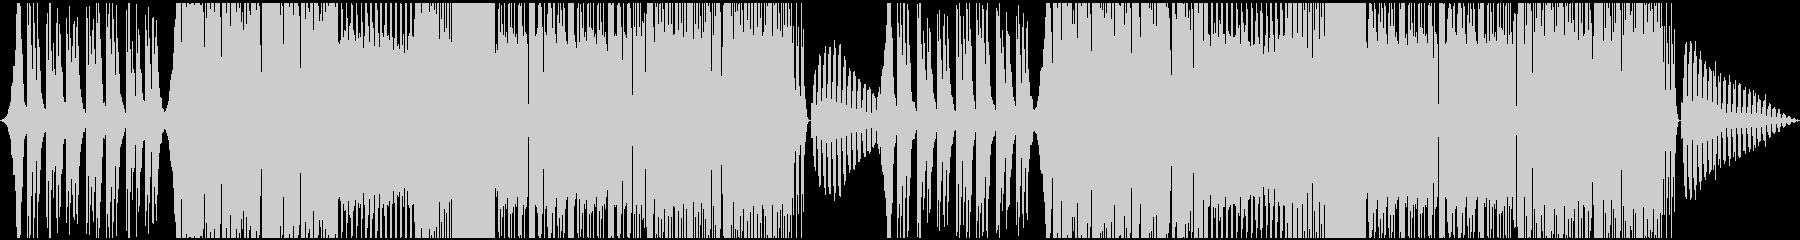 キャッチーでパワフルなEDMの未再生の波形